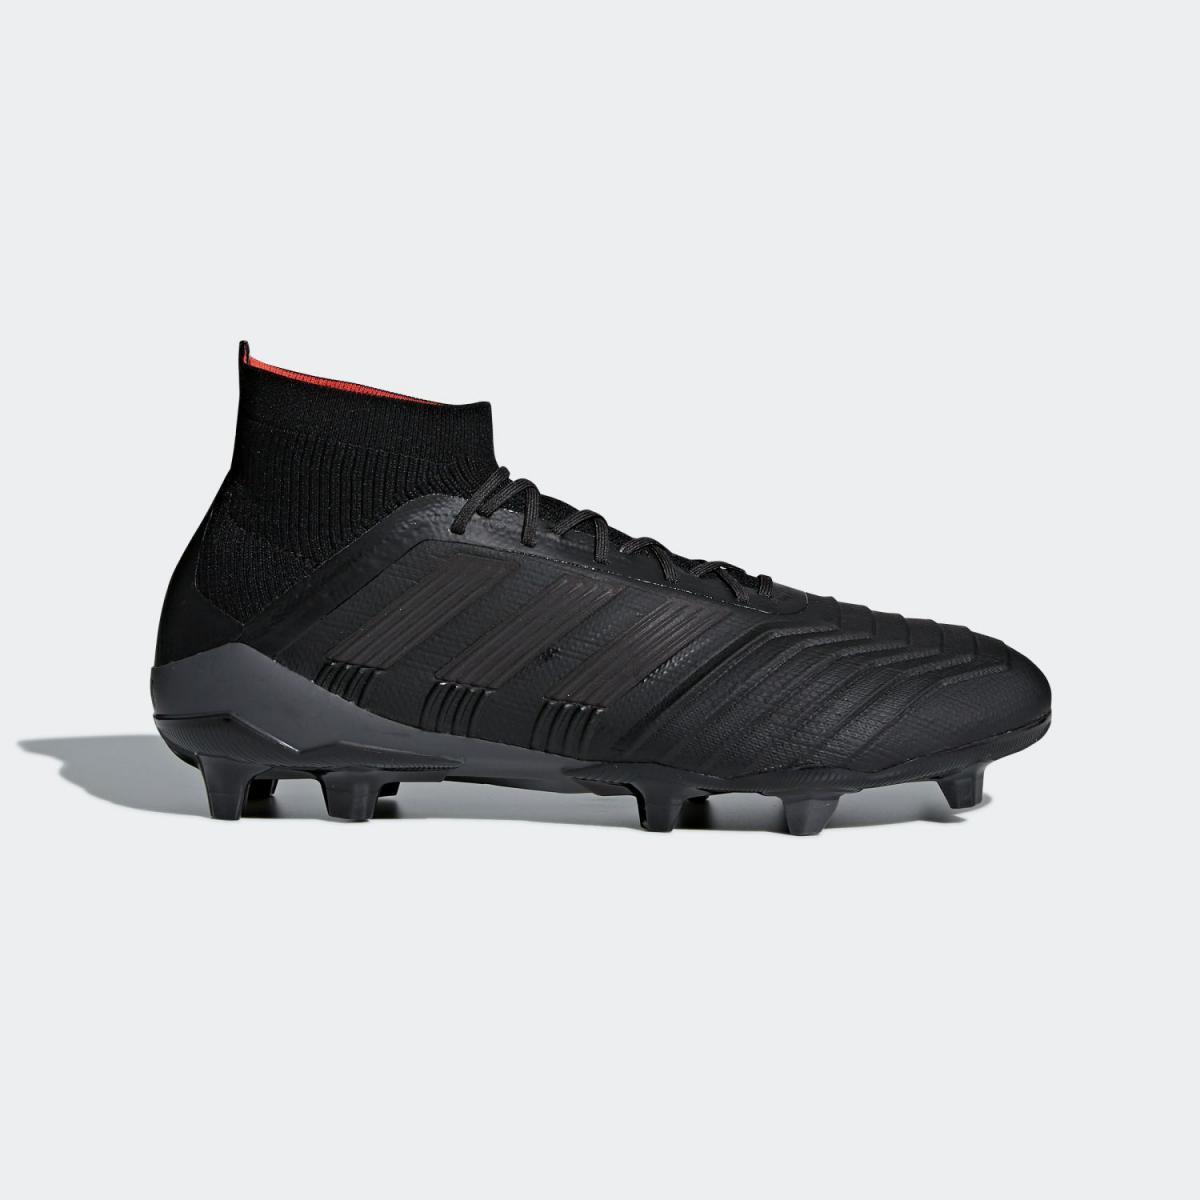 【公式】アディダス adidas プレデター 18.1 FG/AG メンズ CM7413 サッカー・フットサル シューズ 合成繊維 合成底